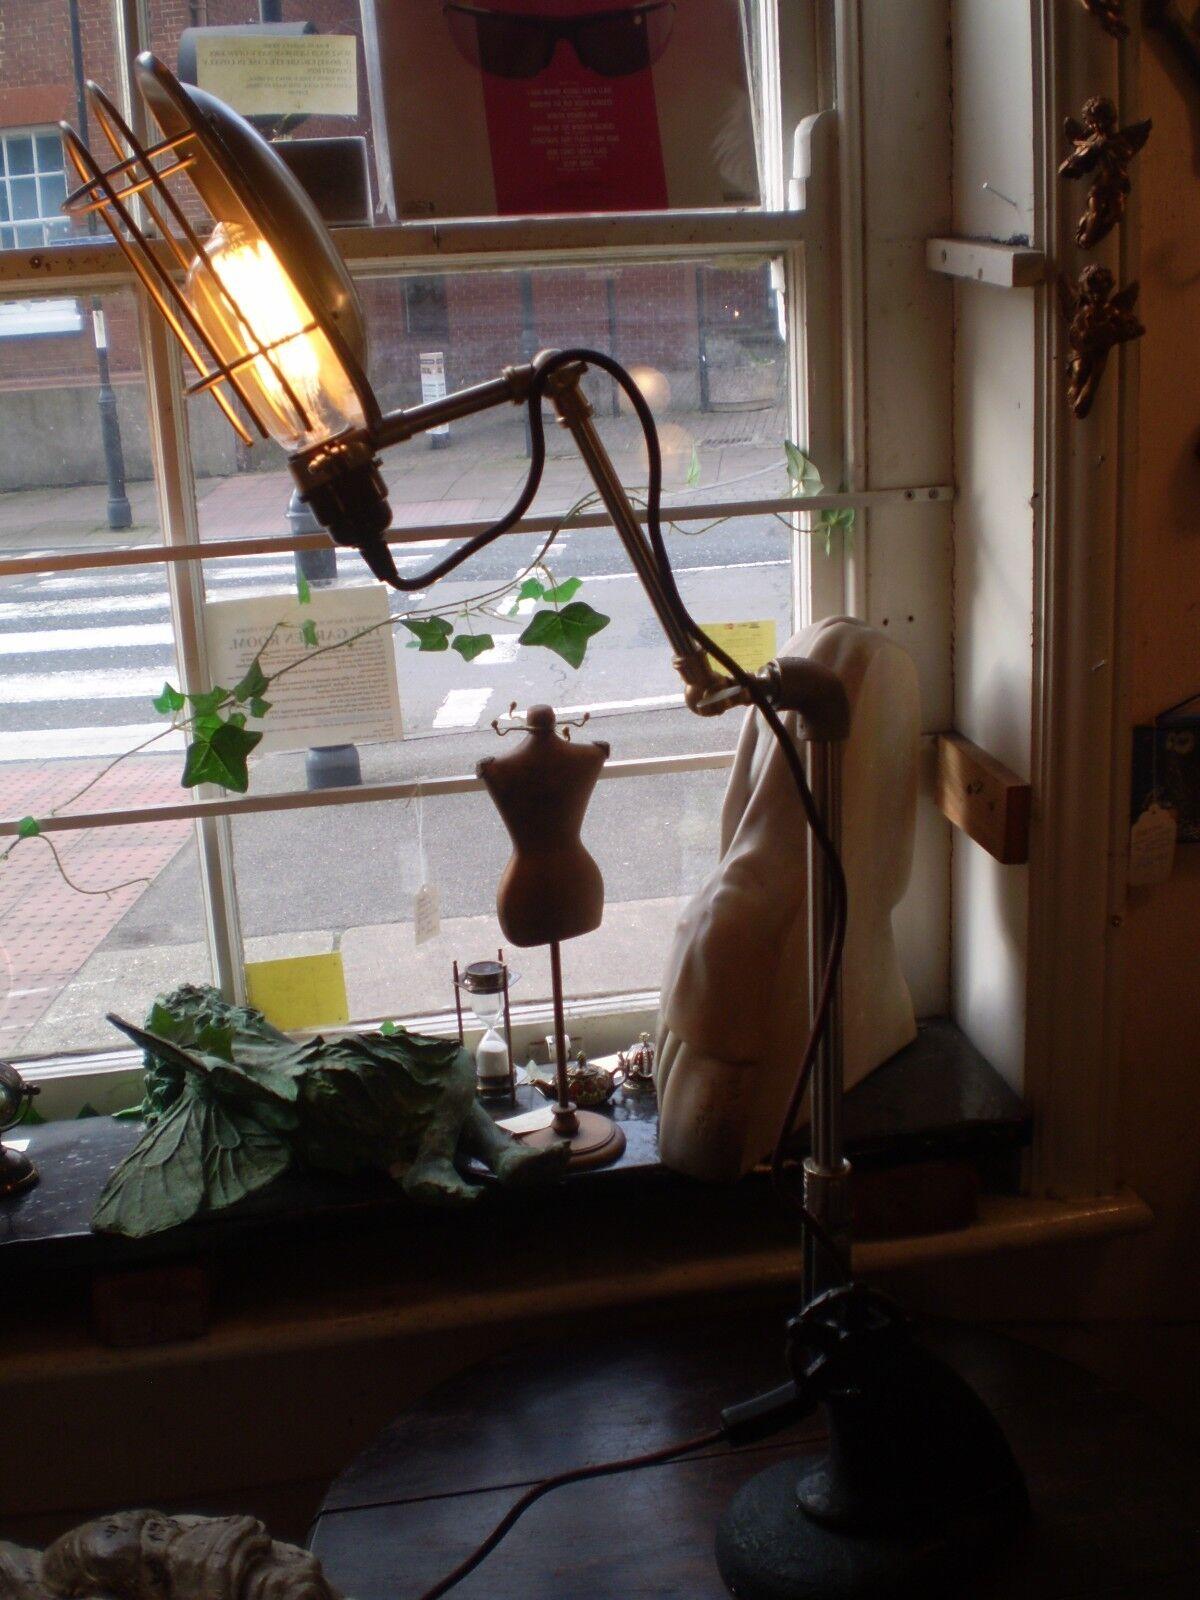 garanzia di credito Alla moda moda moda NICKEL LONDON DESIGN Lampadina Eclectic Edison style.adjustable  bellissima